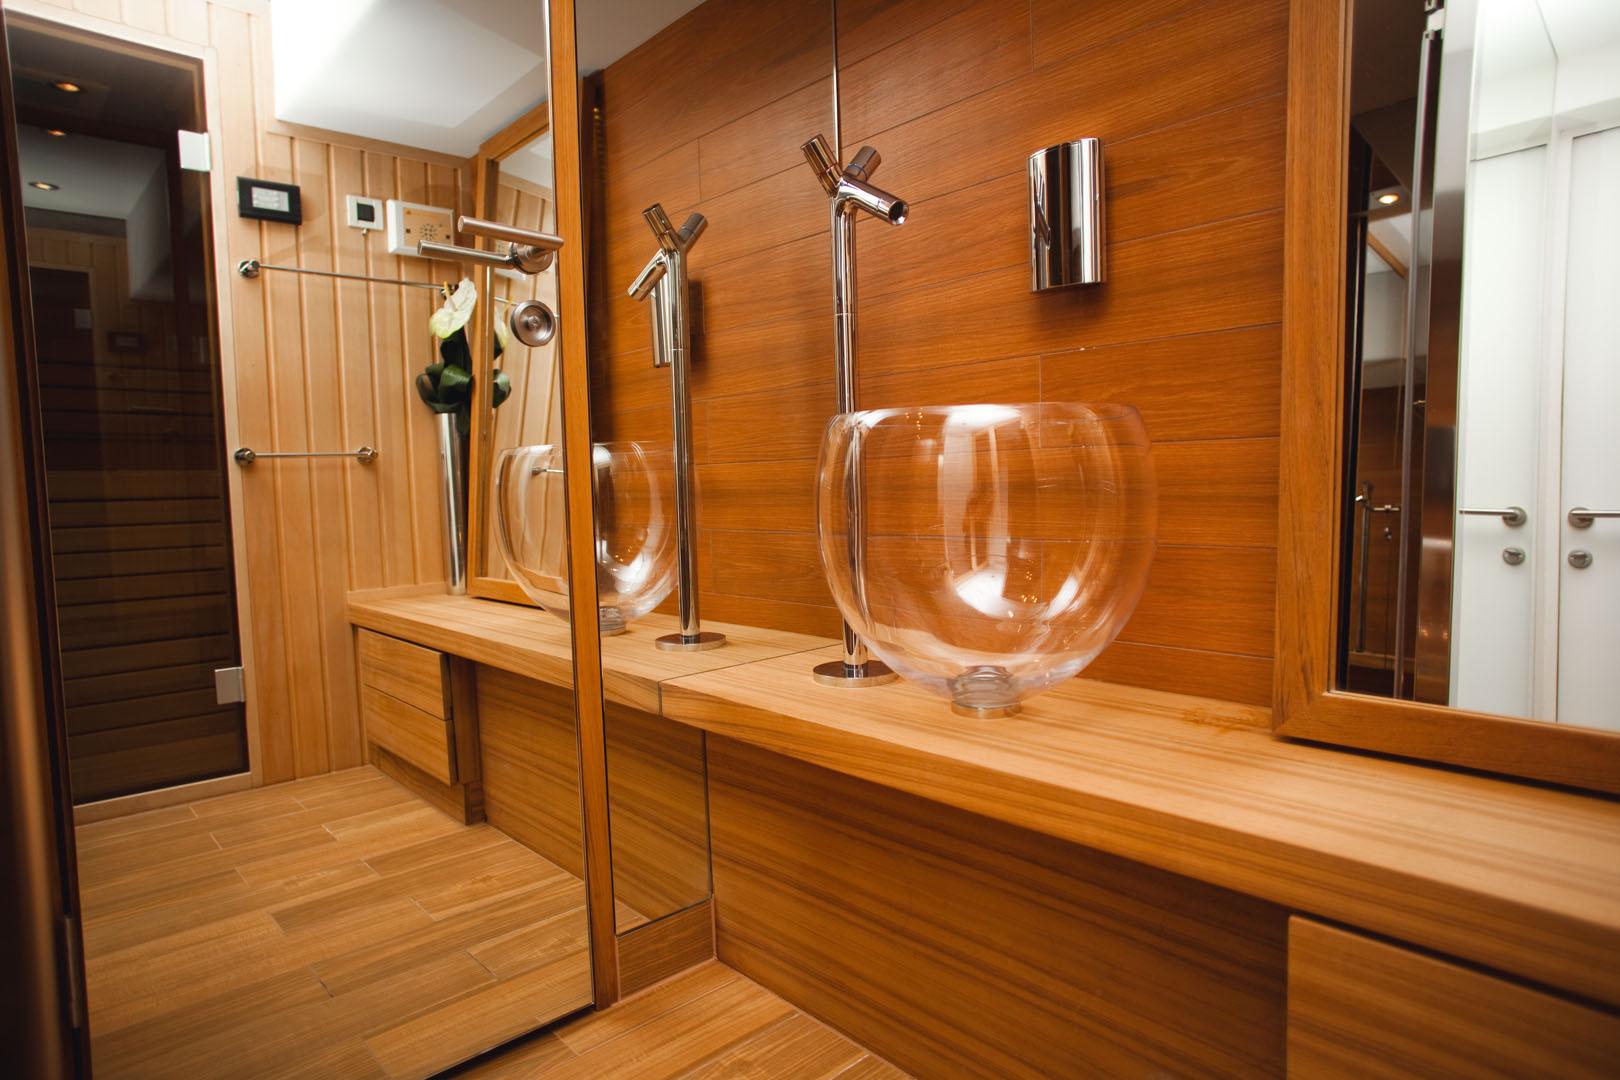 Luxury yacht charter my joy me suana standby marijana for Sauna bathroom ideas